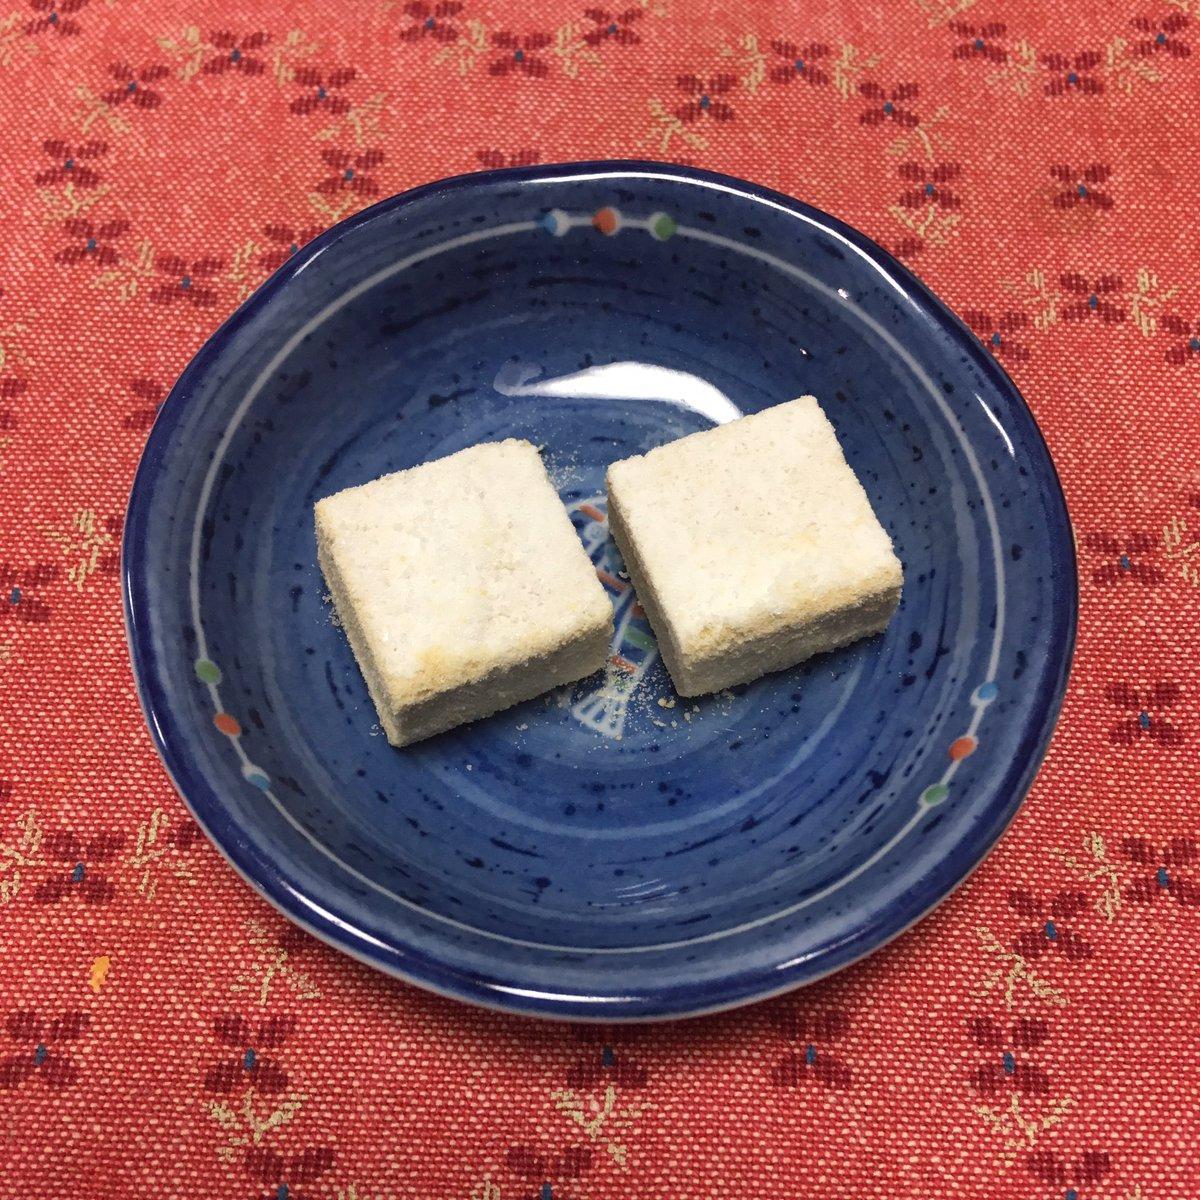 test ツイッターメディア - 私が新潟で一番美味しいお菓子だと思う大和屋さんの「越乃雪」!  お土産以外に自分用に16個入りを買ってきたのだけど、ケチらずに24個入りにすればよかった…なくなっちゃう😢(注…まだ東京に帰ってきて2日目です) https://t.co/5ihzU9xnk4